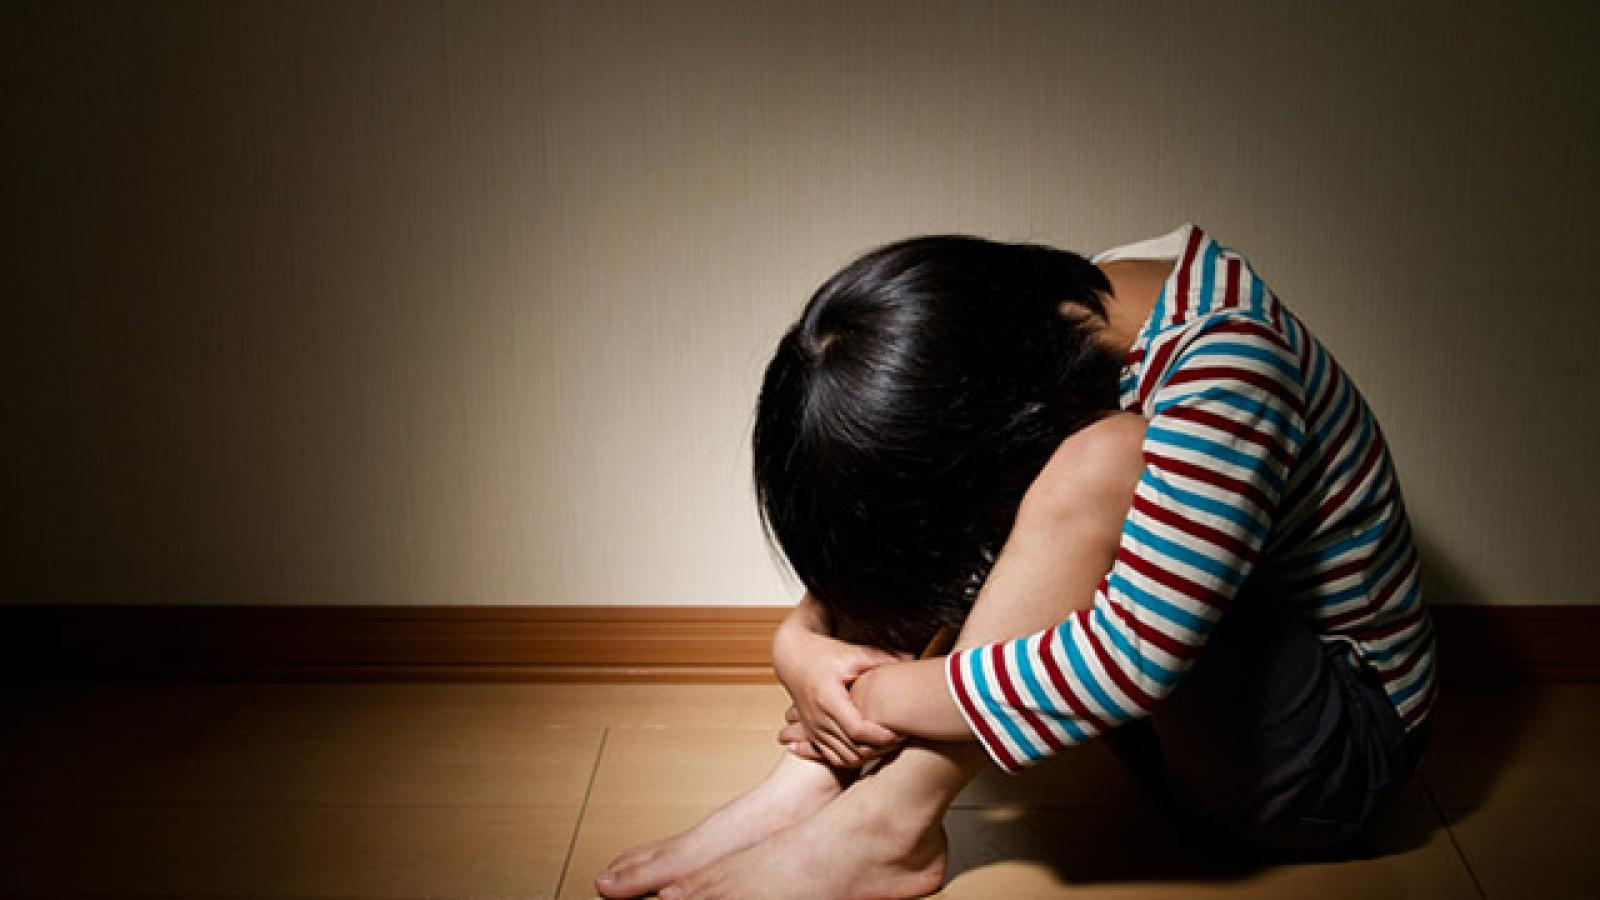 Cha mẹ làm gì để giải quyết những mâu thuẫn với con trong gia đình?